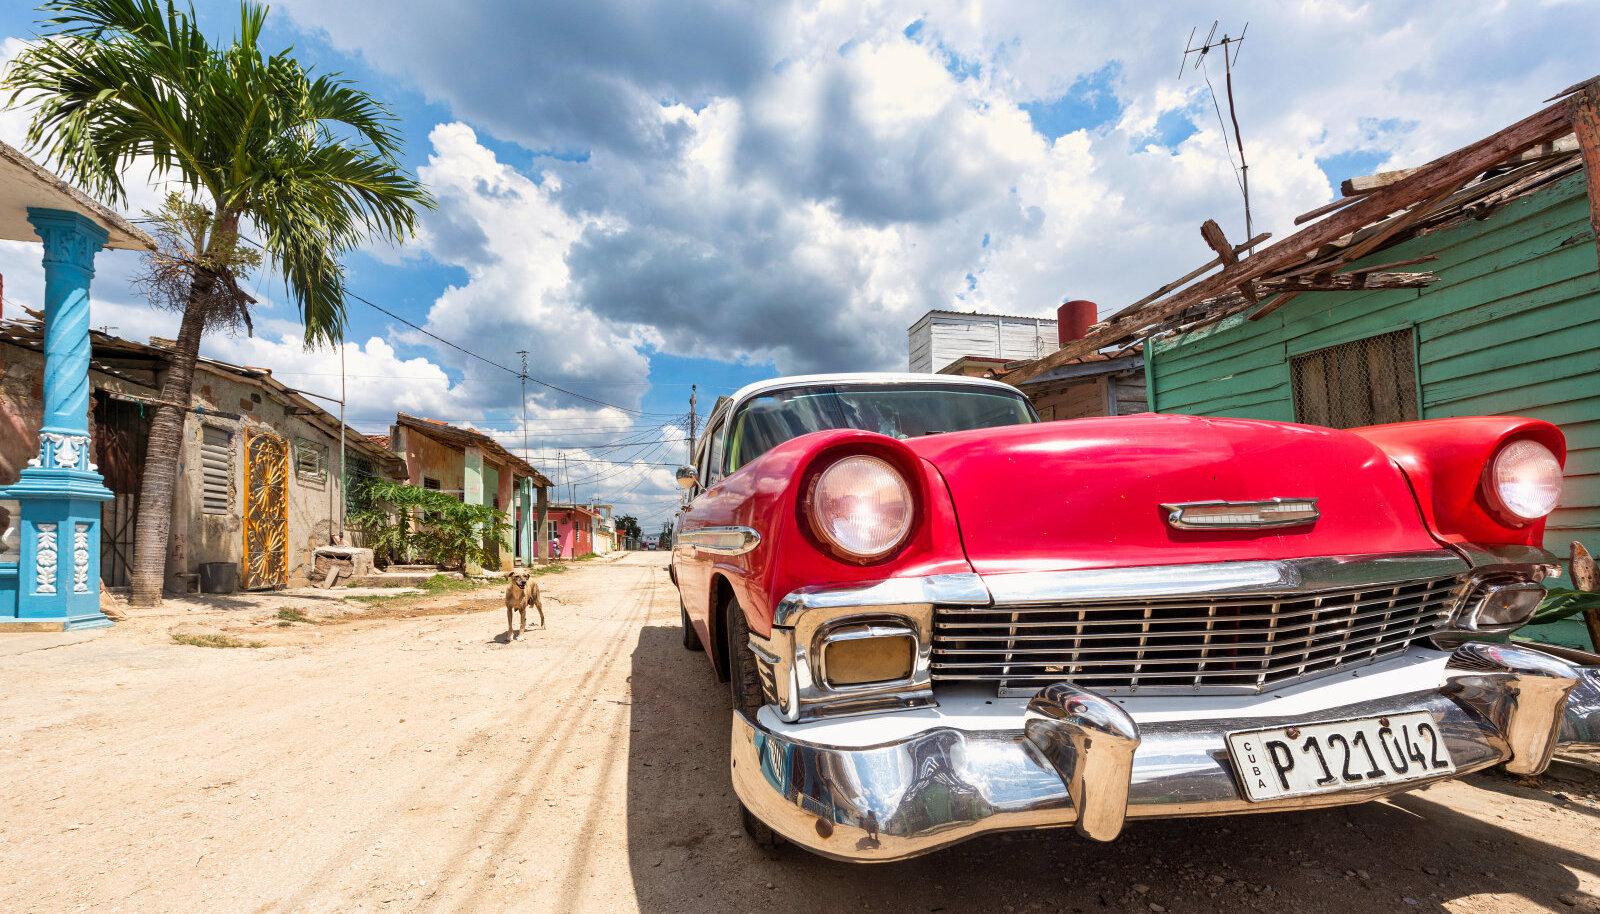 Enim nõrgenenud rahvusvaluuta edetabelit juhib 2021. aasta alguses Kuuba